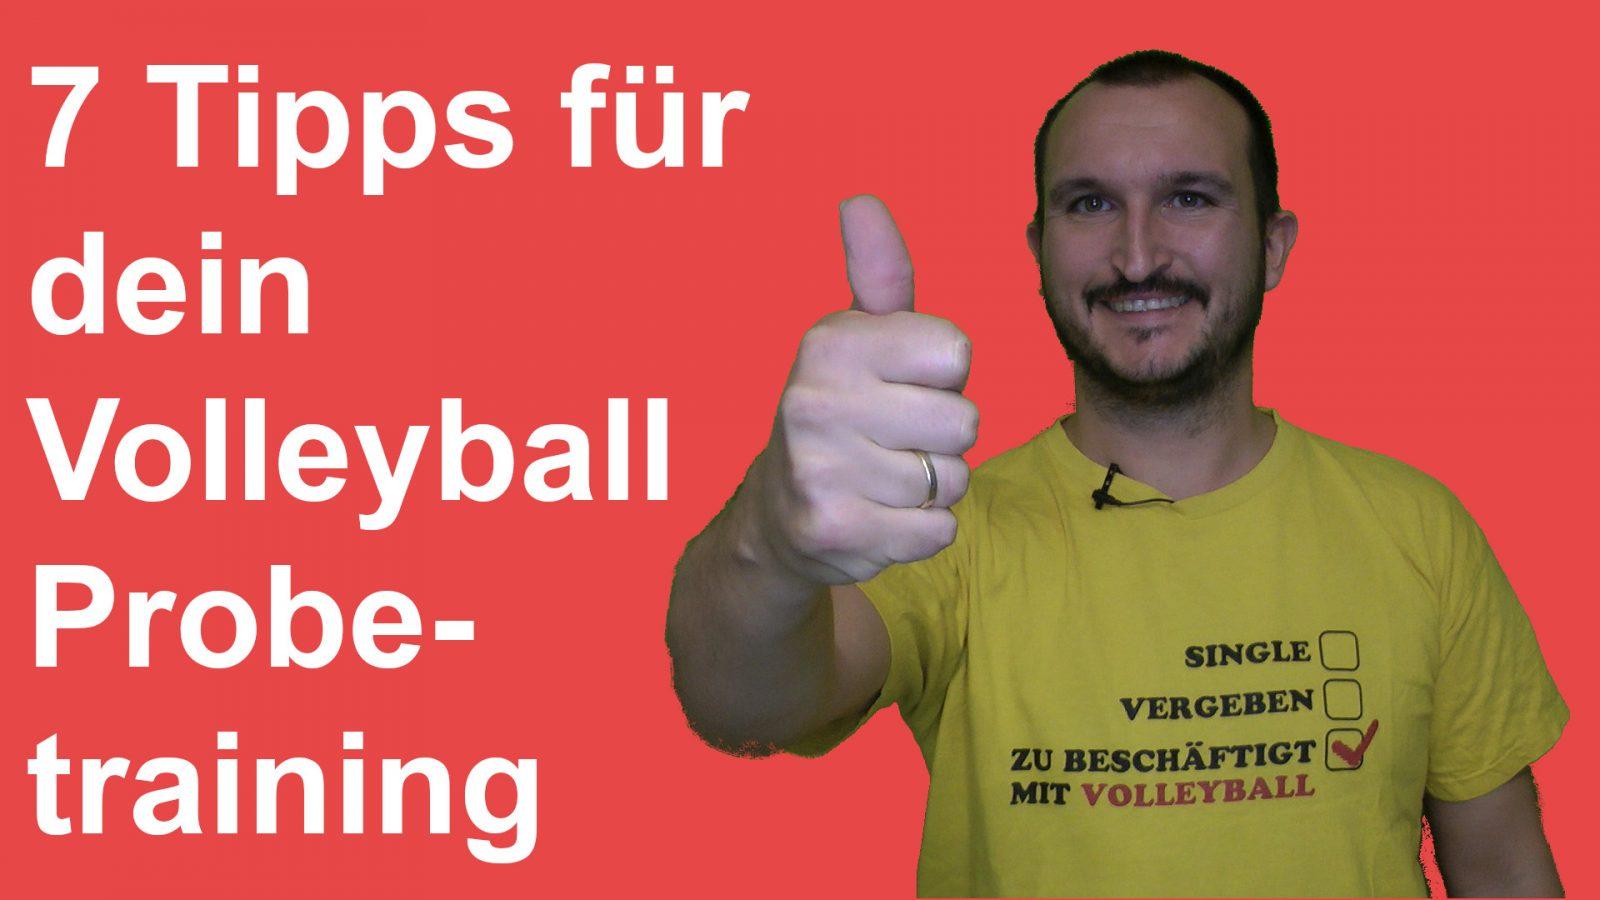 7 Tipps für dein Volleyball Probetraining